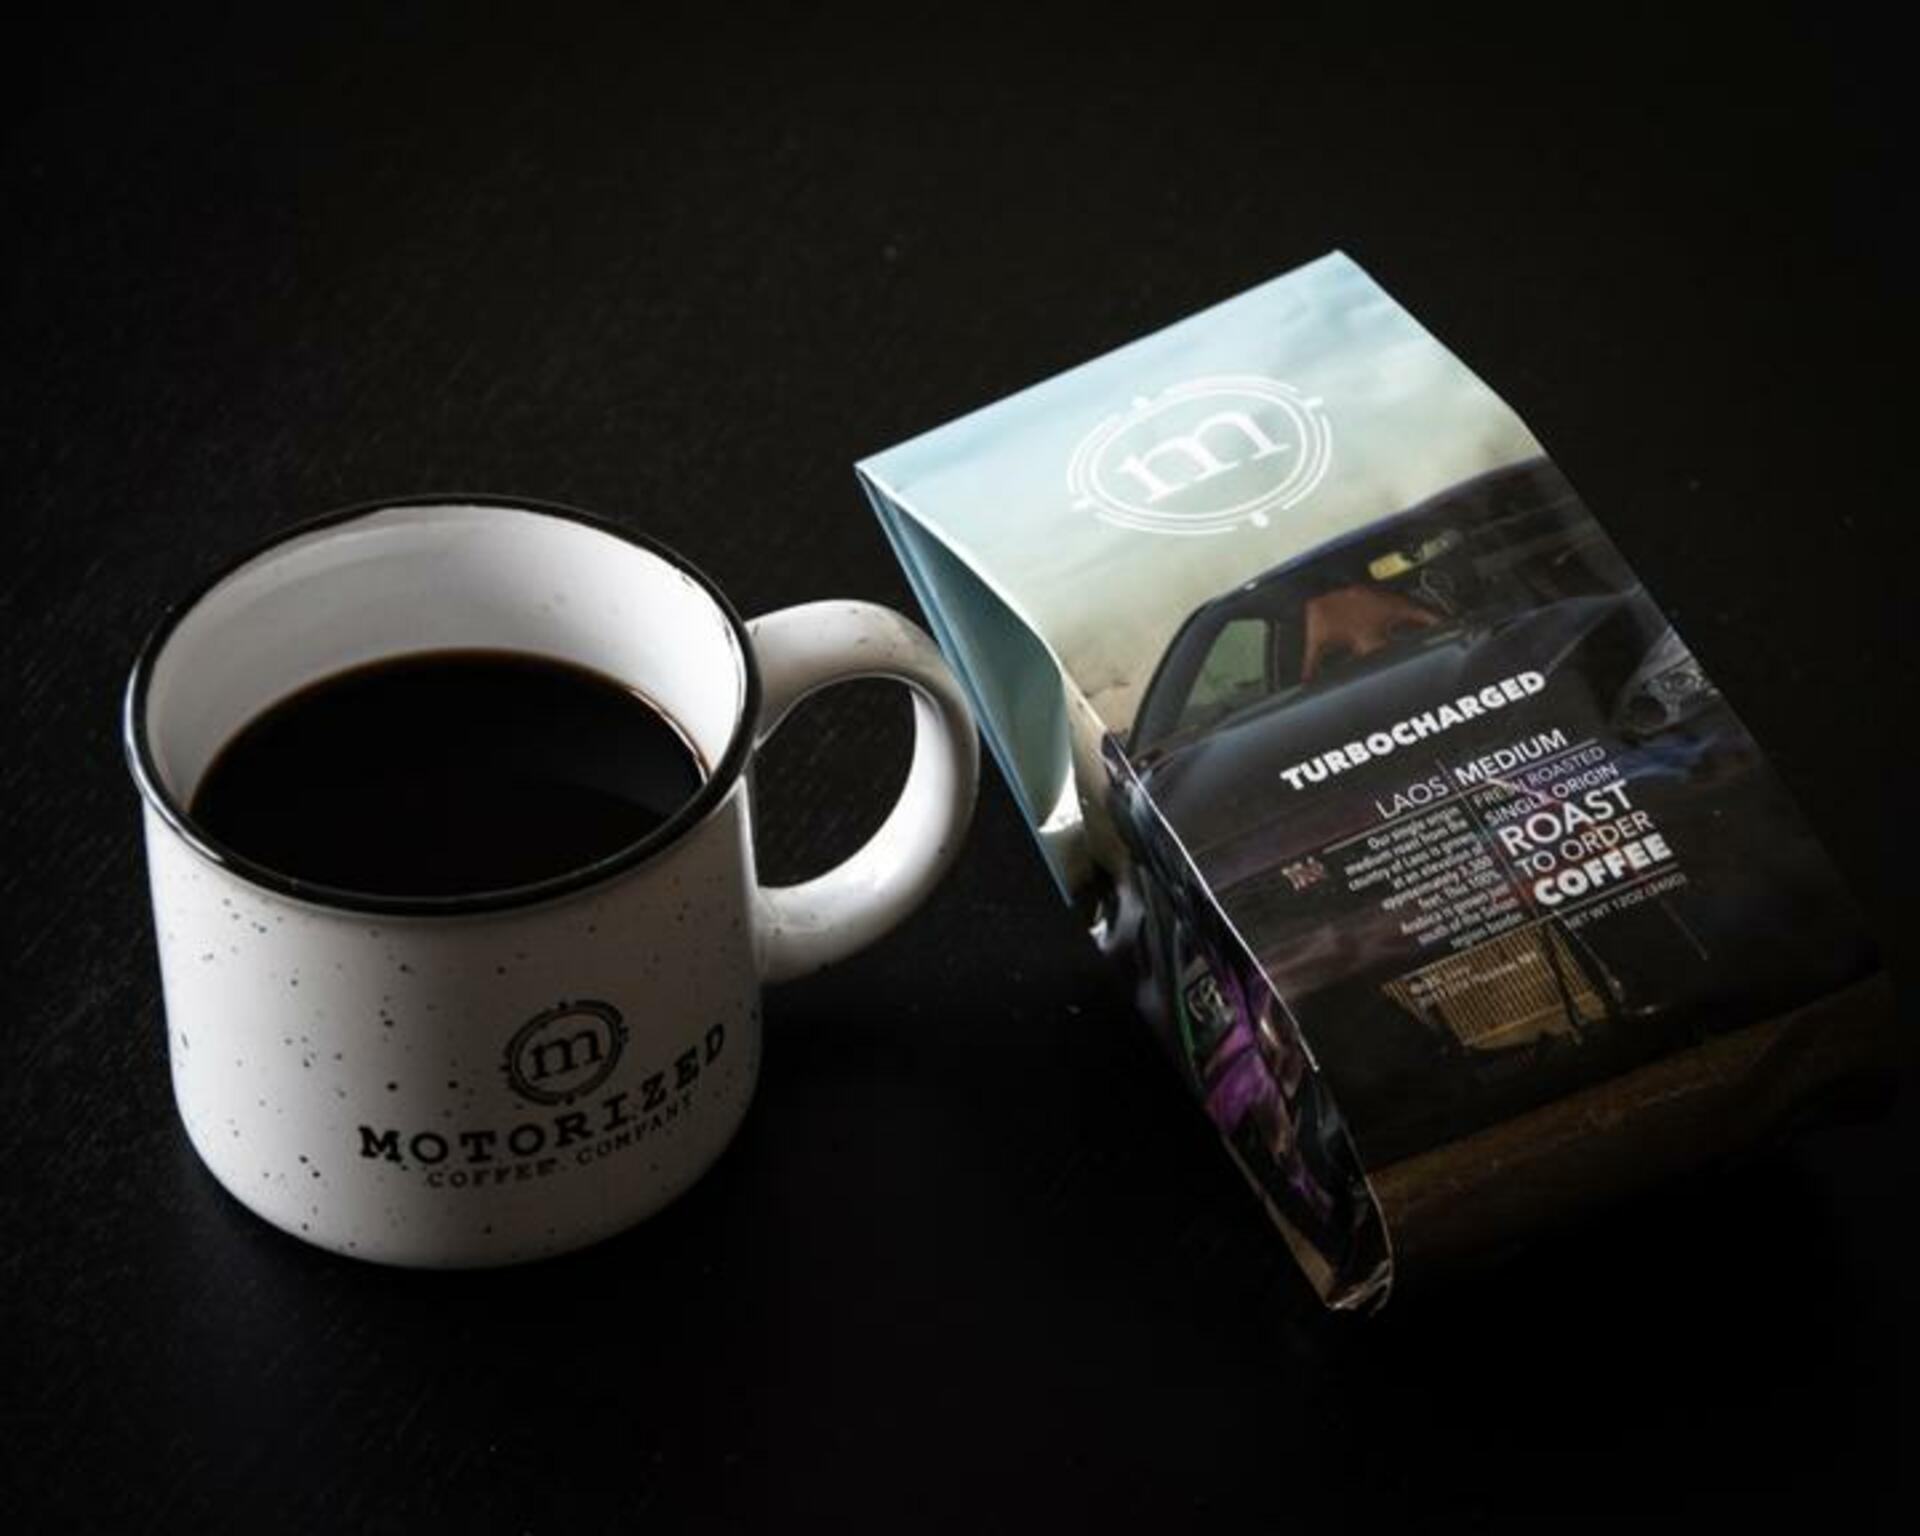 Motorized Coffee